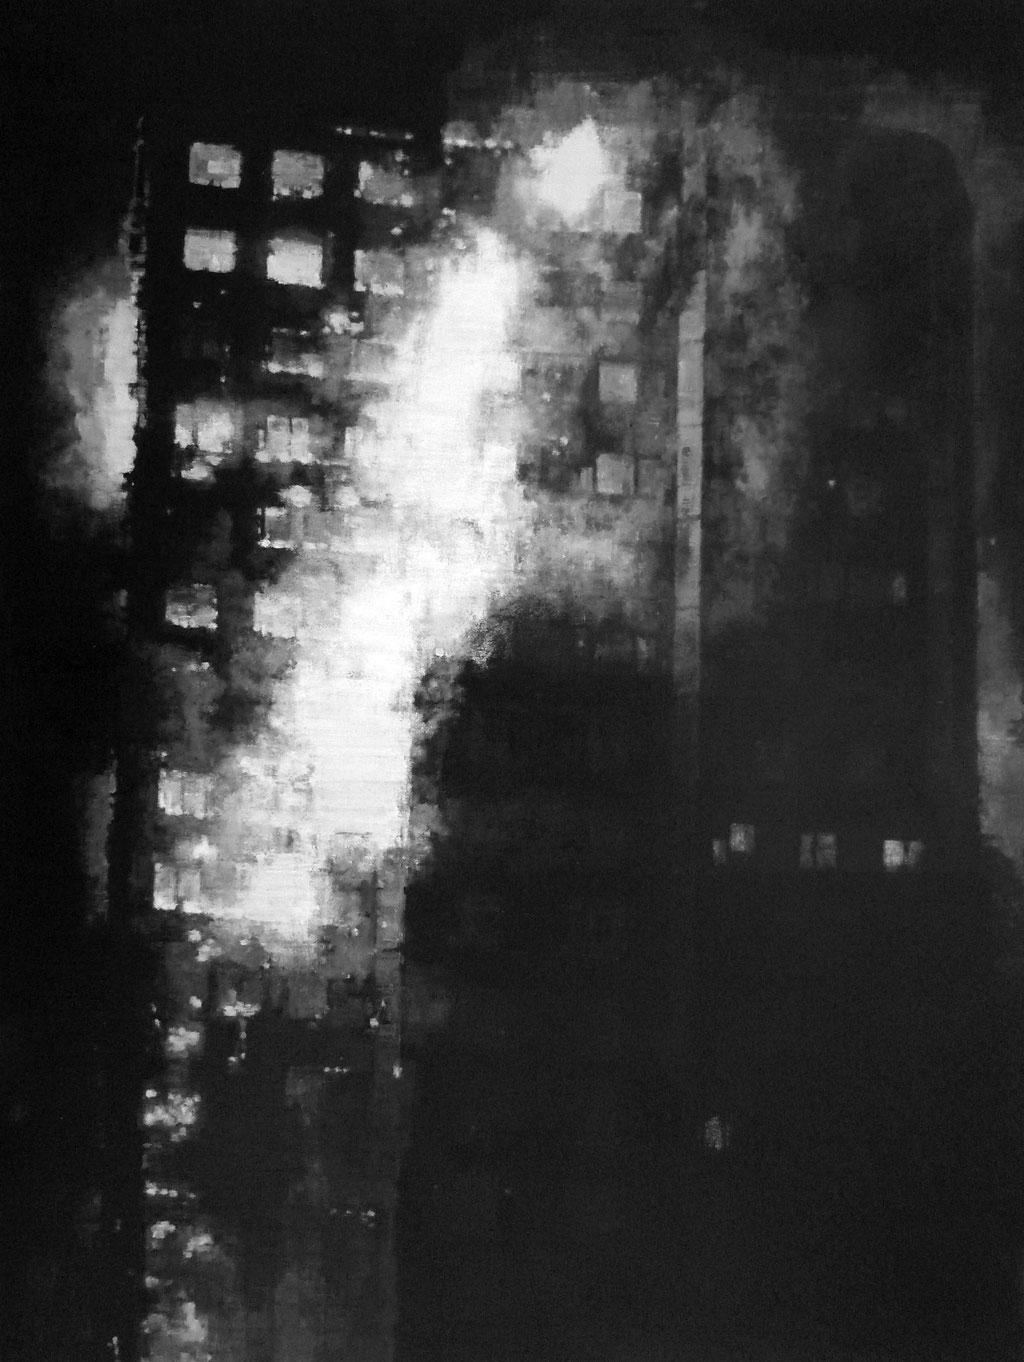 Heike Ruschmeyer: *Schwarz auf Weiß (16) - London-Kensington/14. Juni 2017*, 2017, Ölfarbe/Baumwolle, 80 x 60 cm